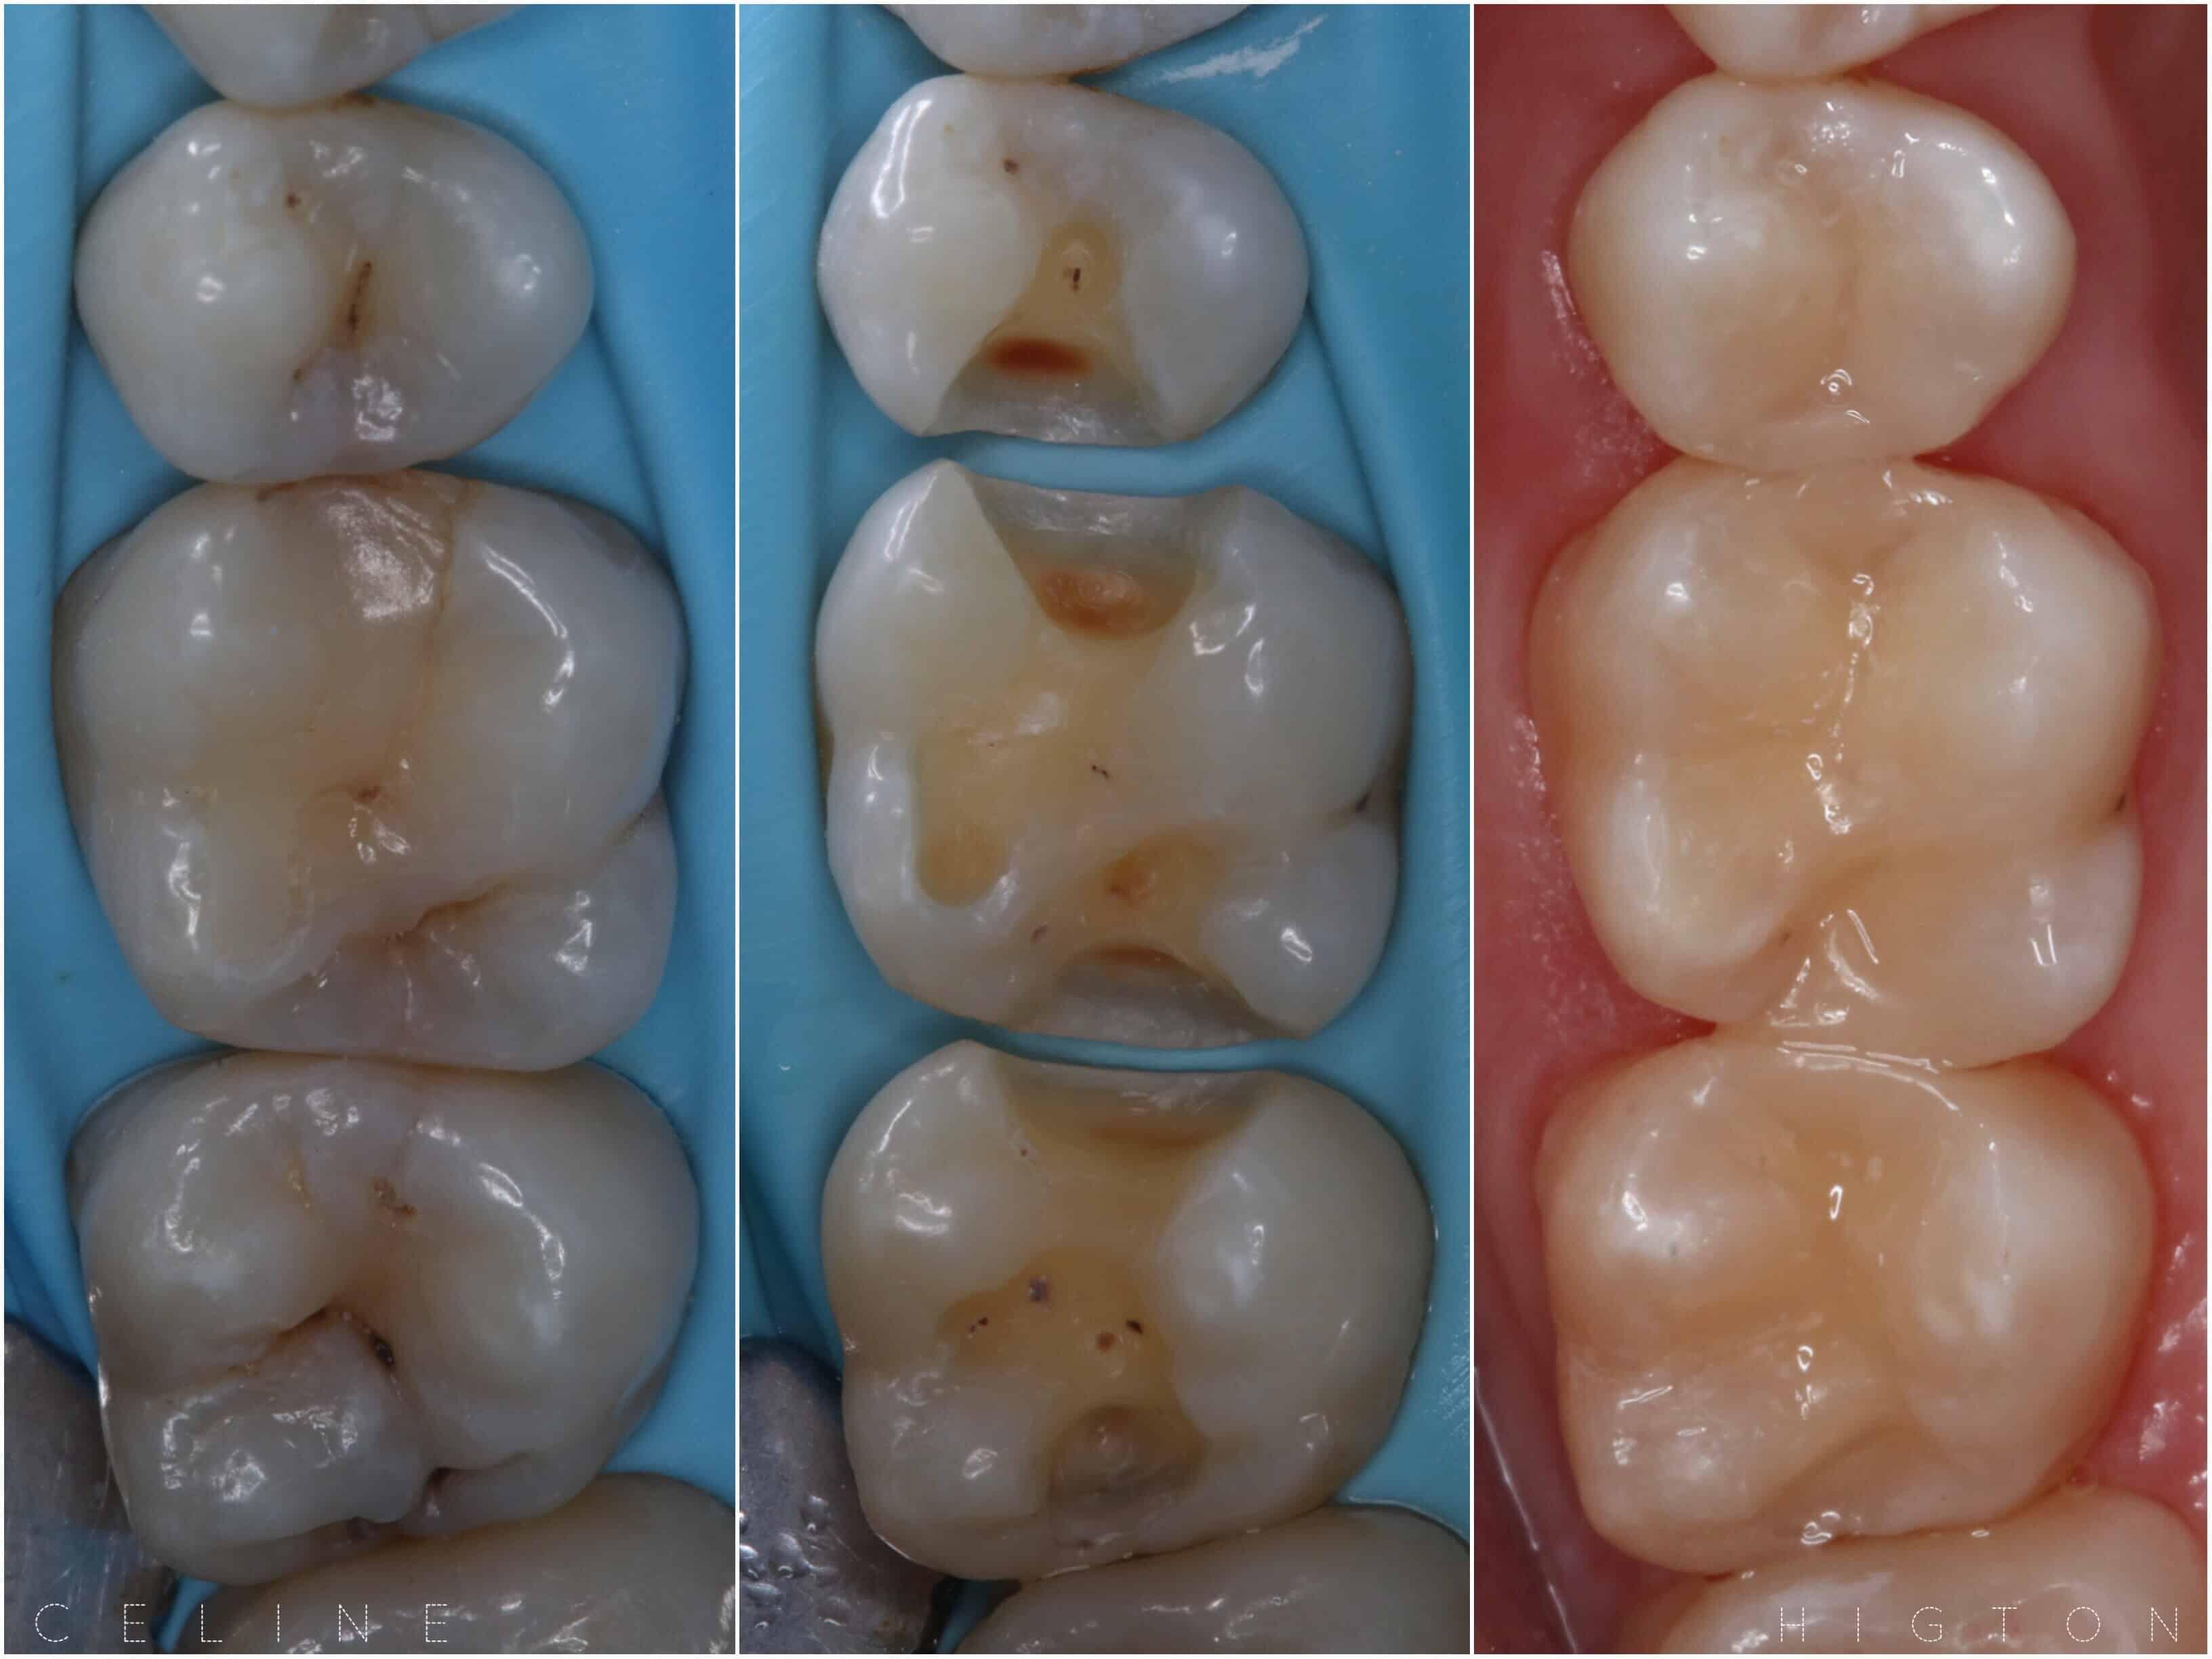 Tooth Filling By Dr Celine Higton At Beverley Dental Raynes Park London